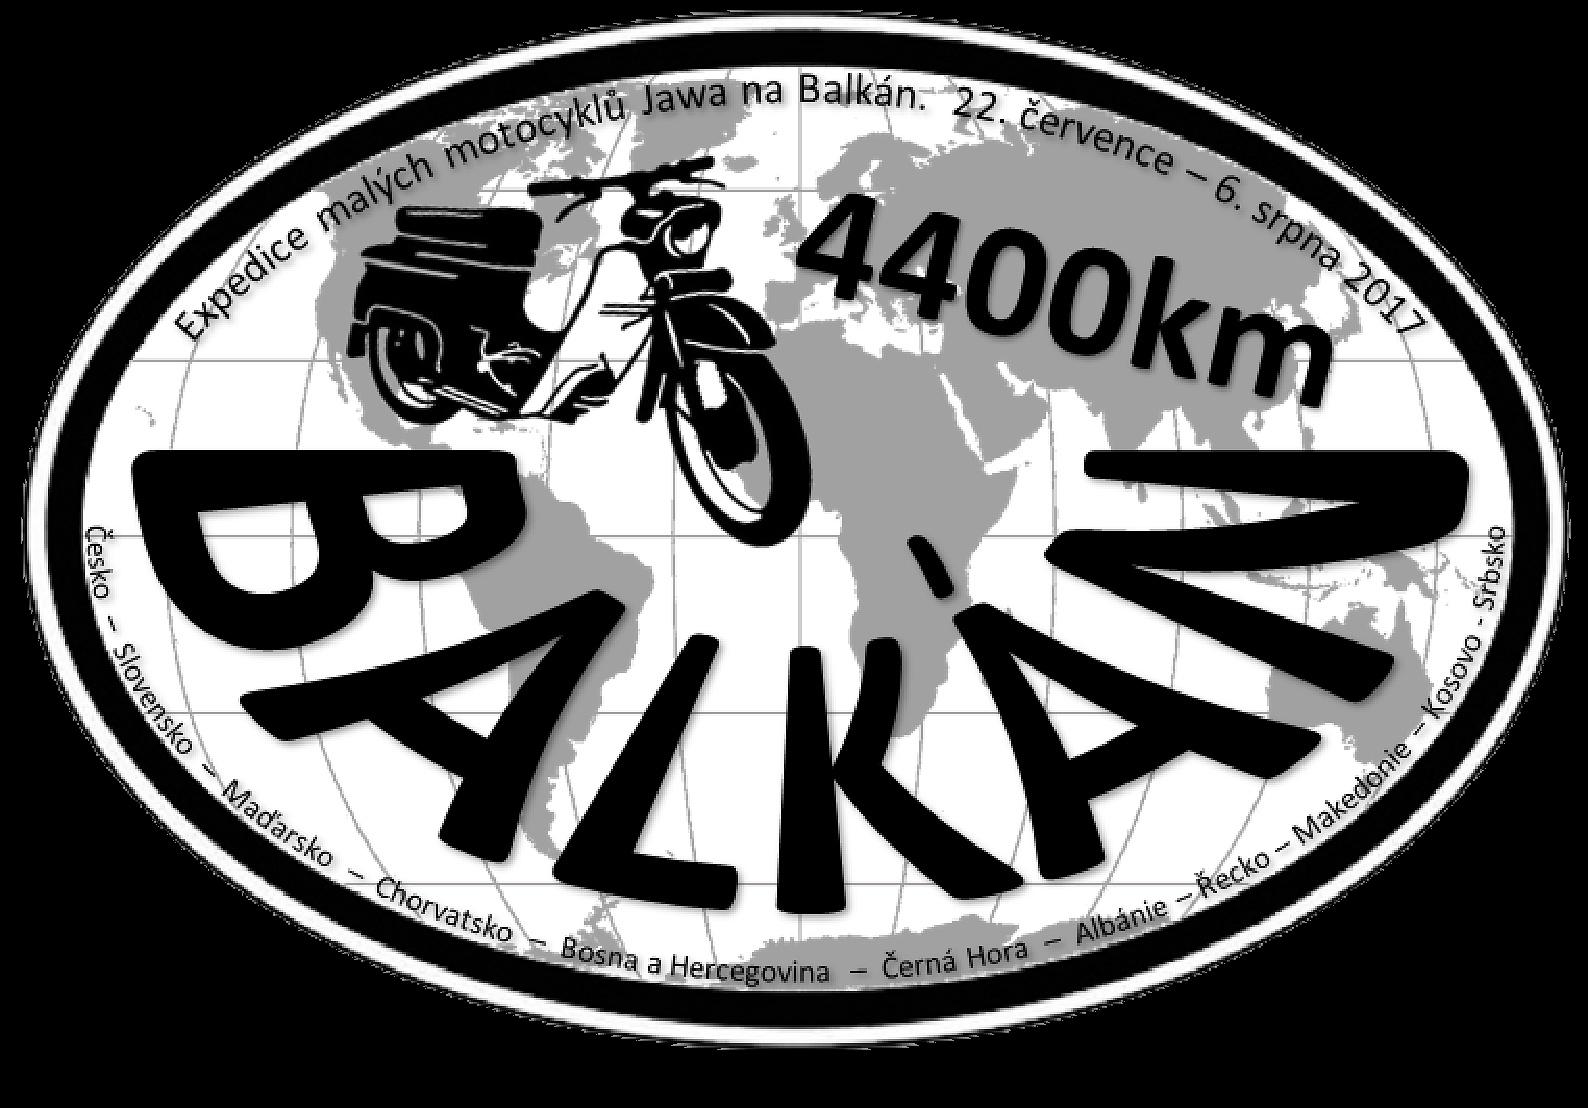 S Jawou na cestách, dobrodruzi na fichtlech a Jawách, Jawa 21 Pionýr, Jawa 23 Mustang, Balkán